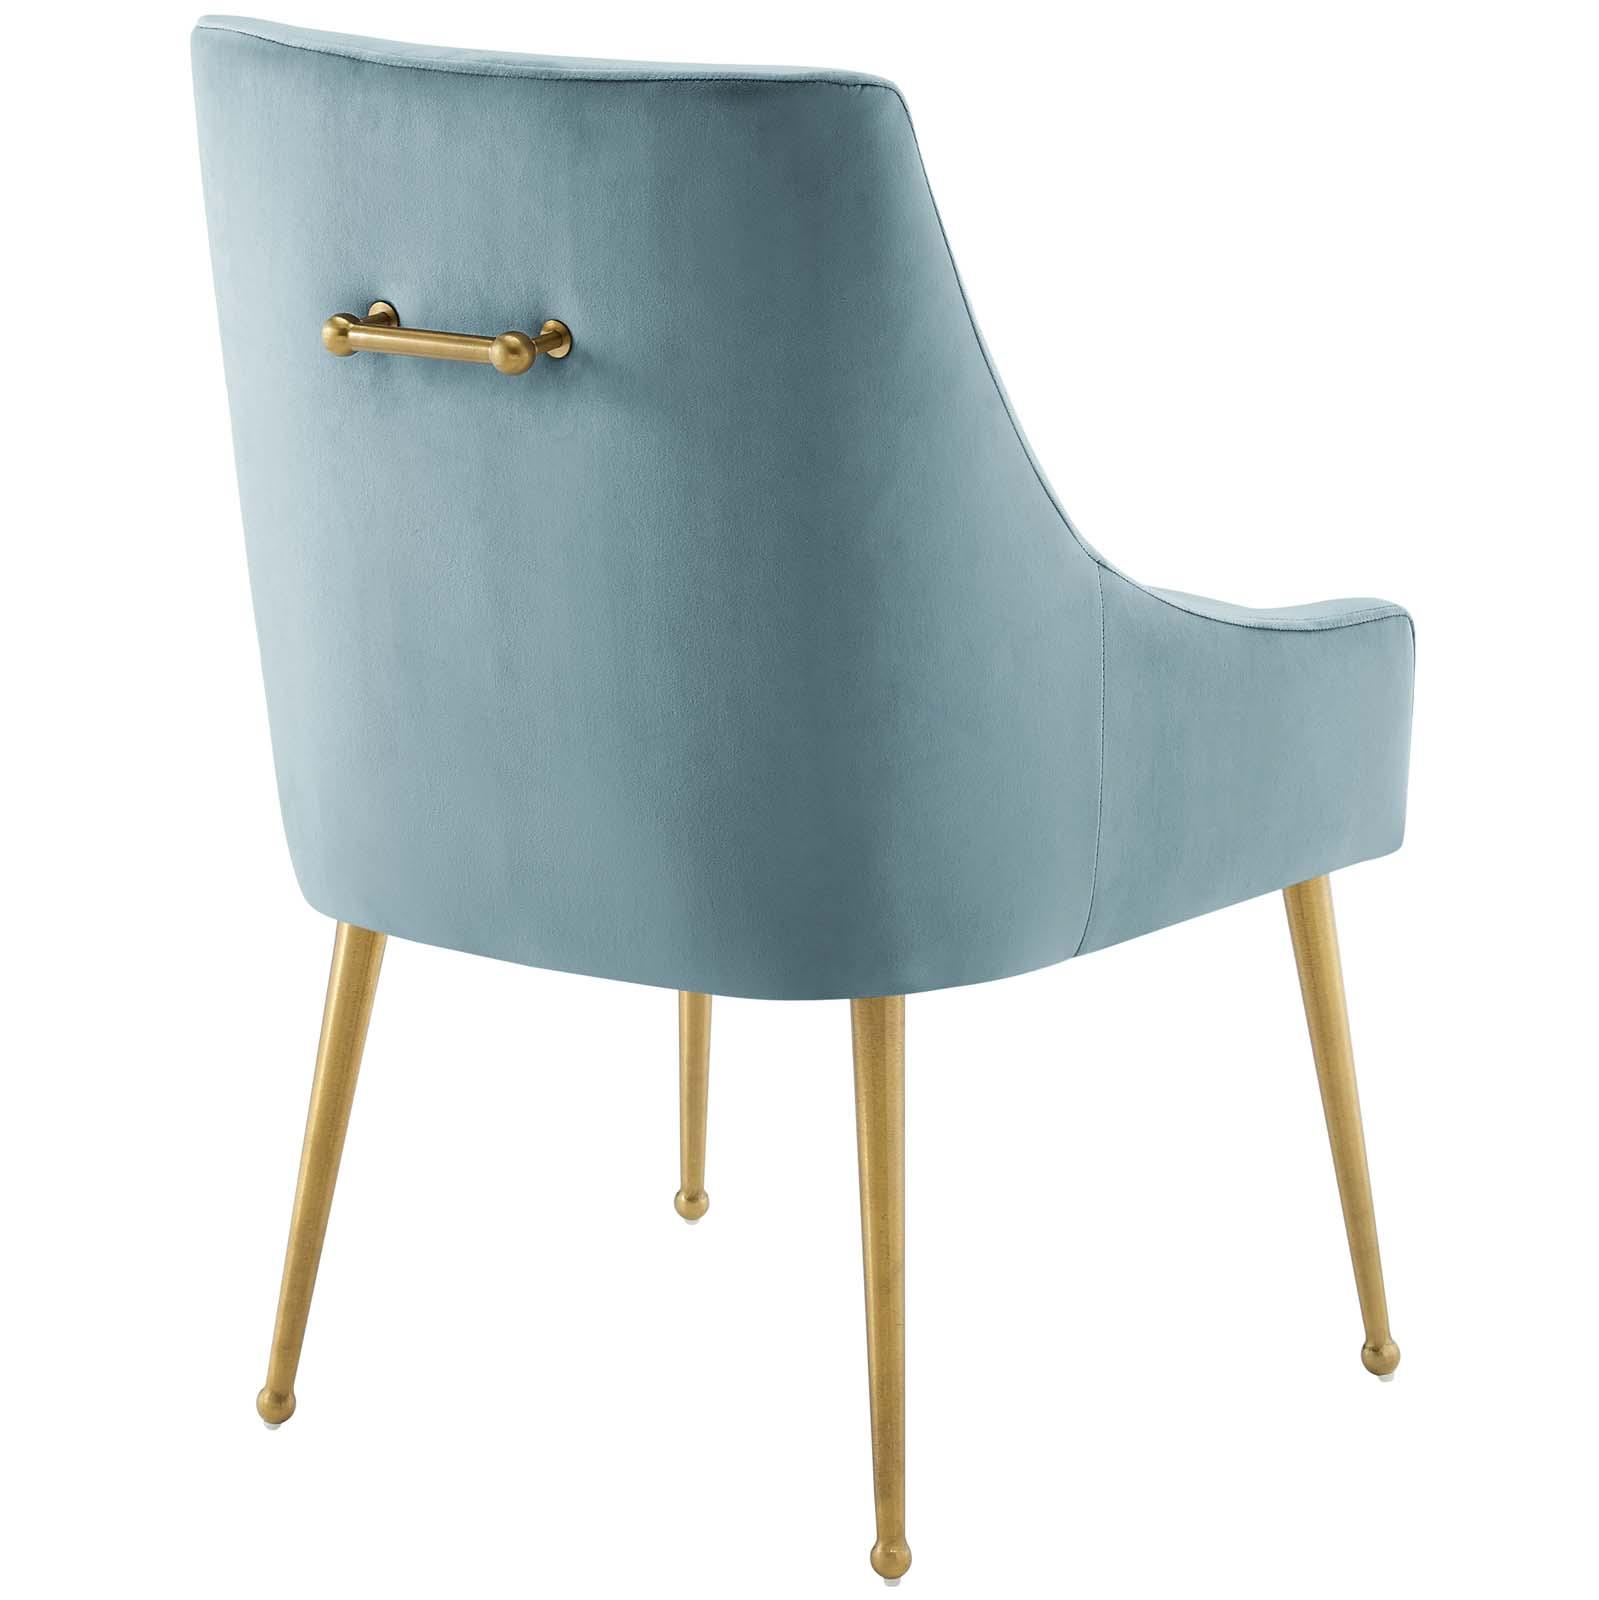 Discern Upholstered Performance Velvet Dining Chair Light Blue